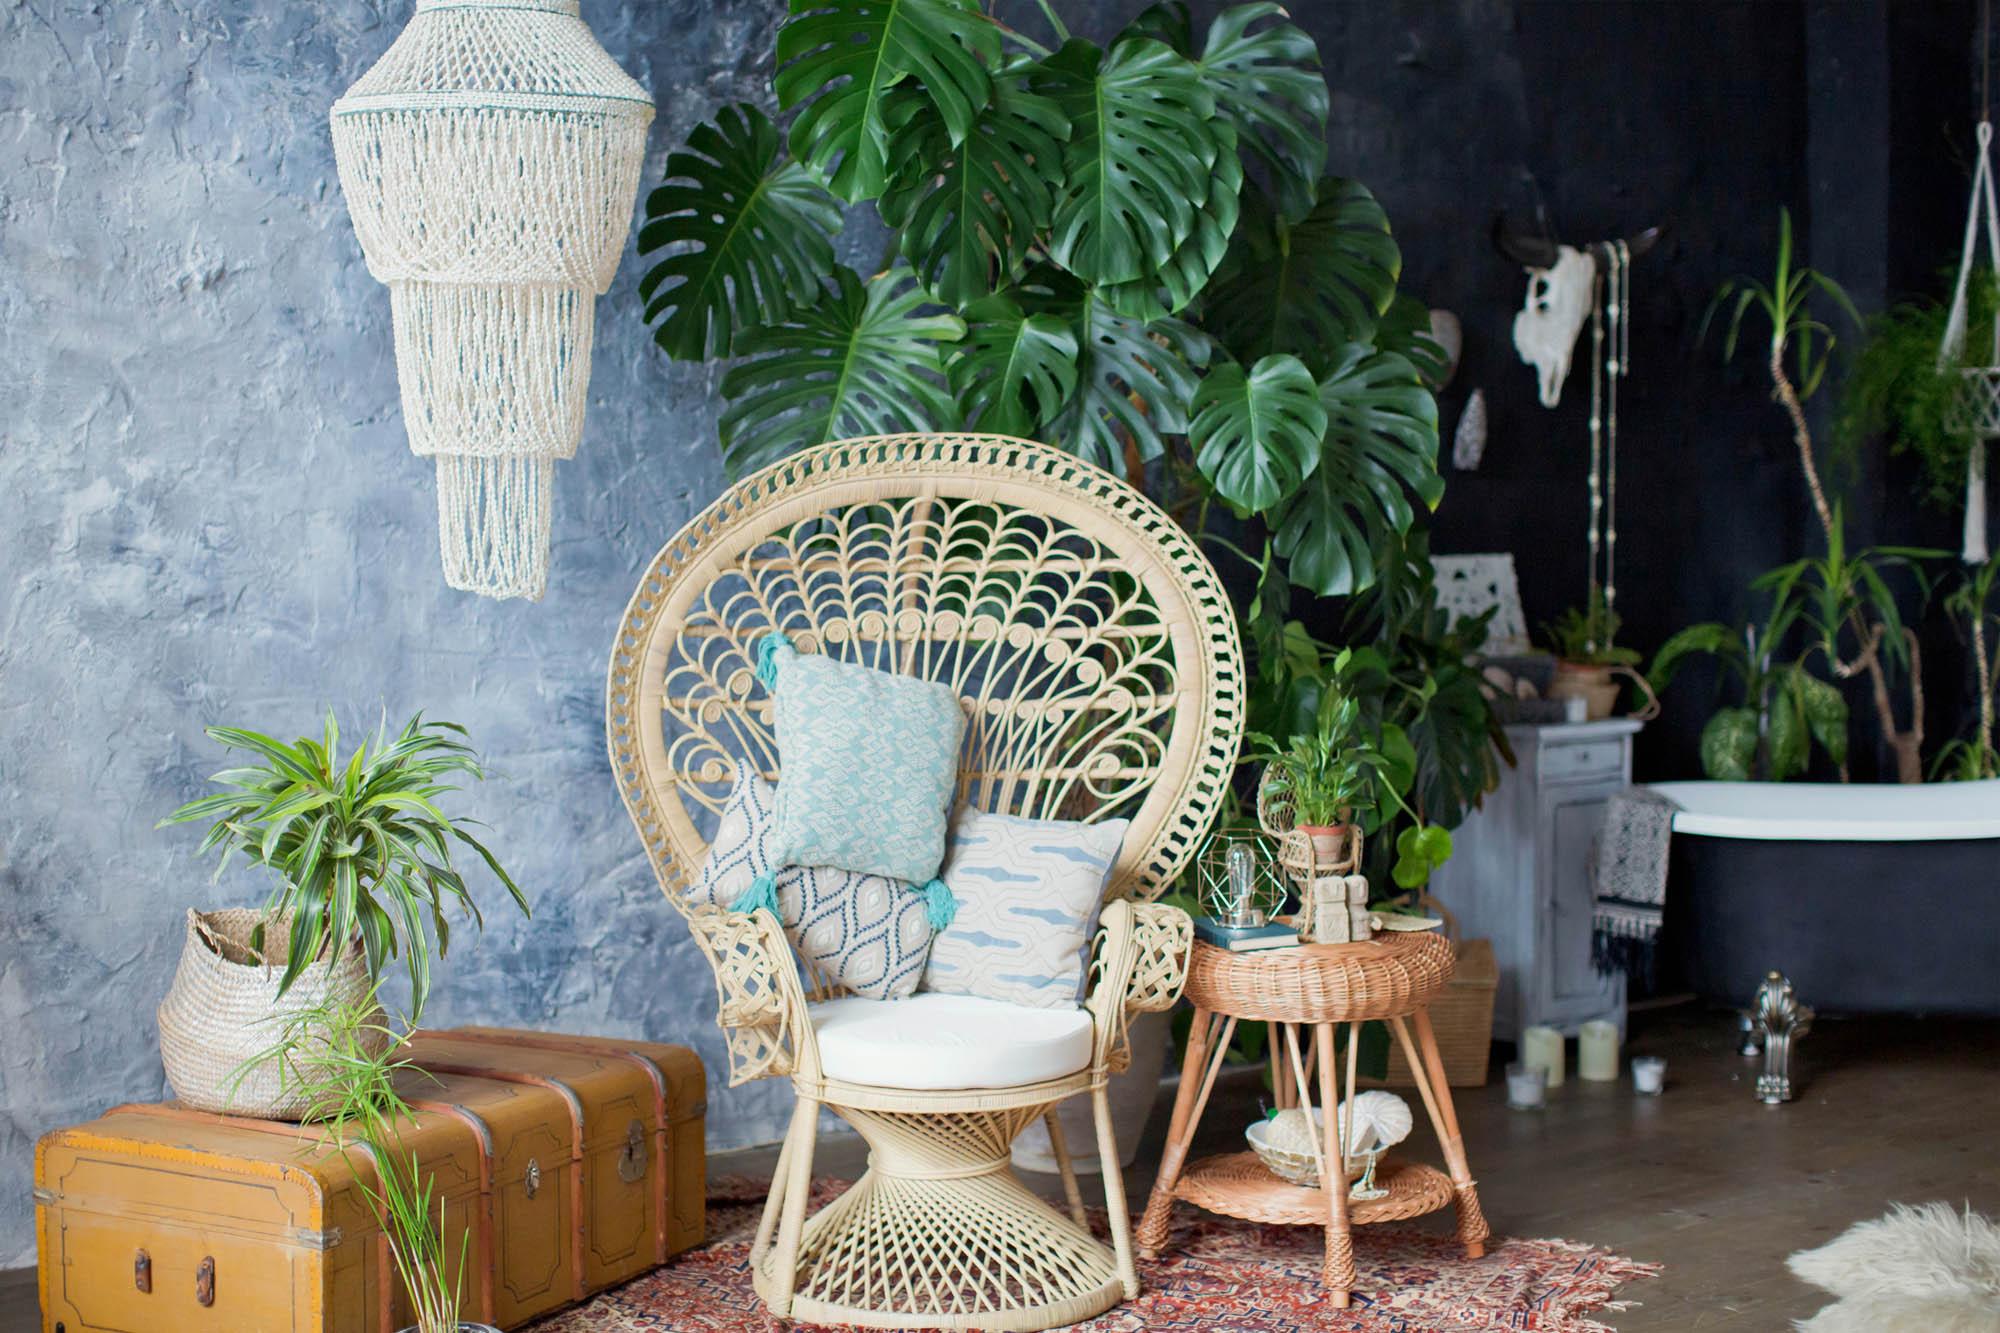 Vaso decorativo: veja 7 dicas de como escolher e usar na sua casa